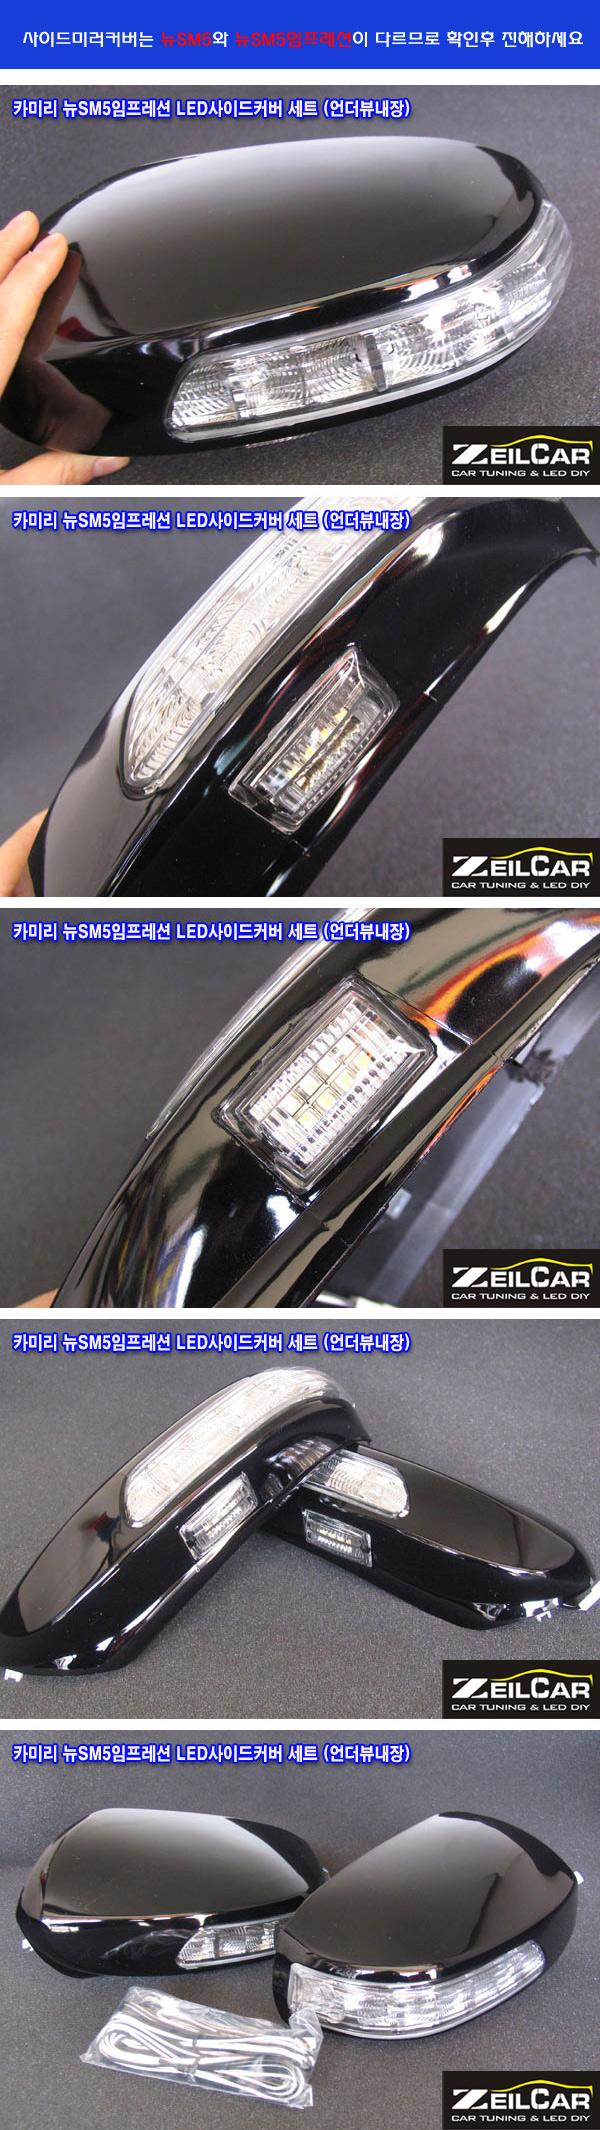 제일카넷 LED 사이드미러 커버, DIY키트